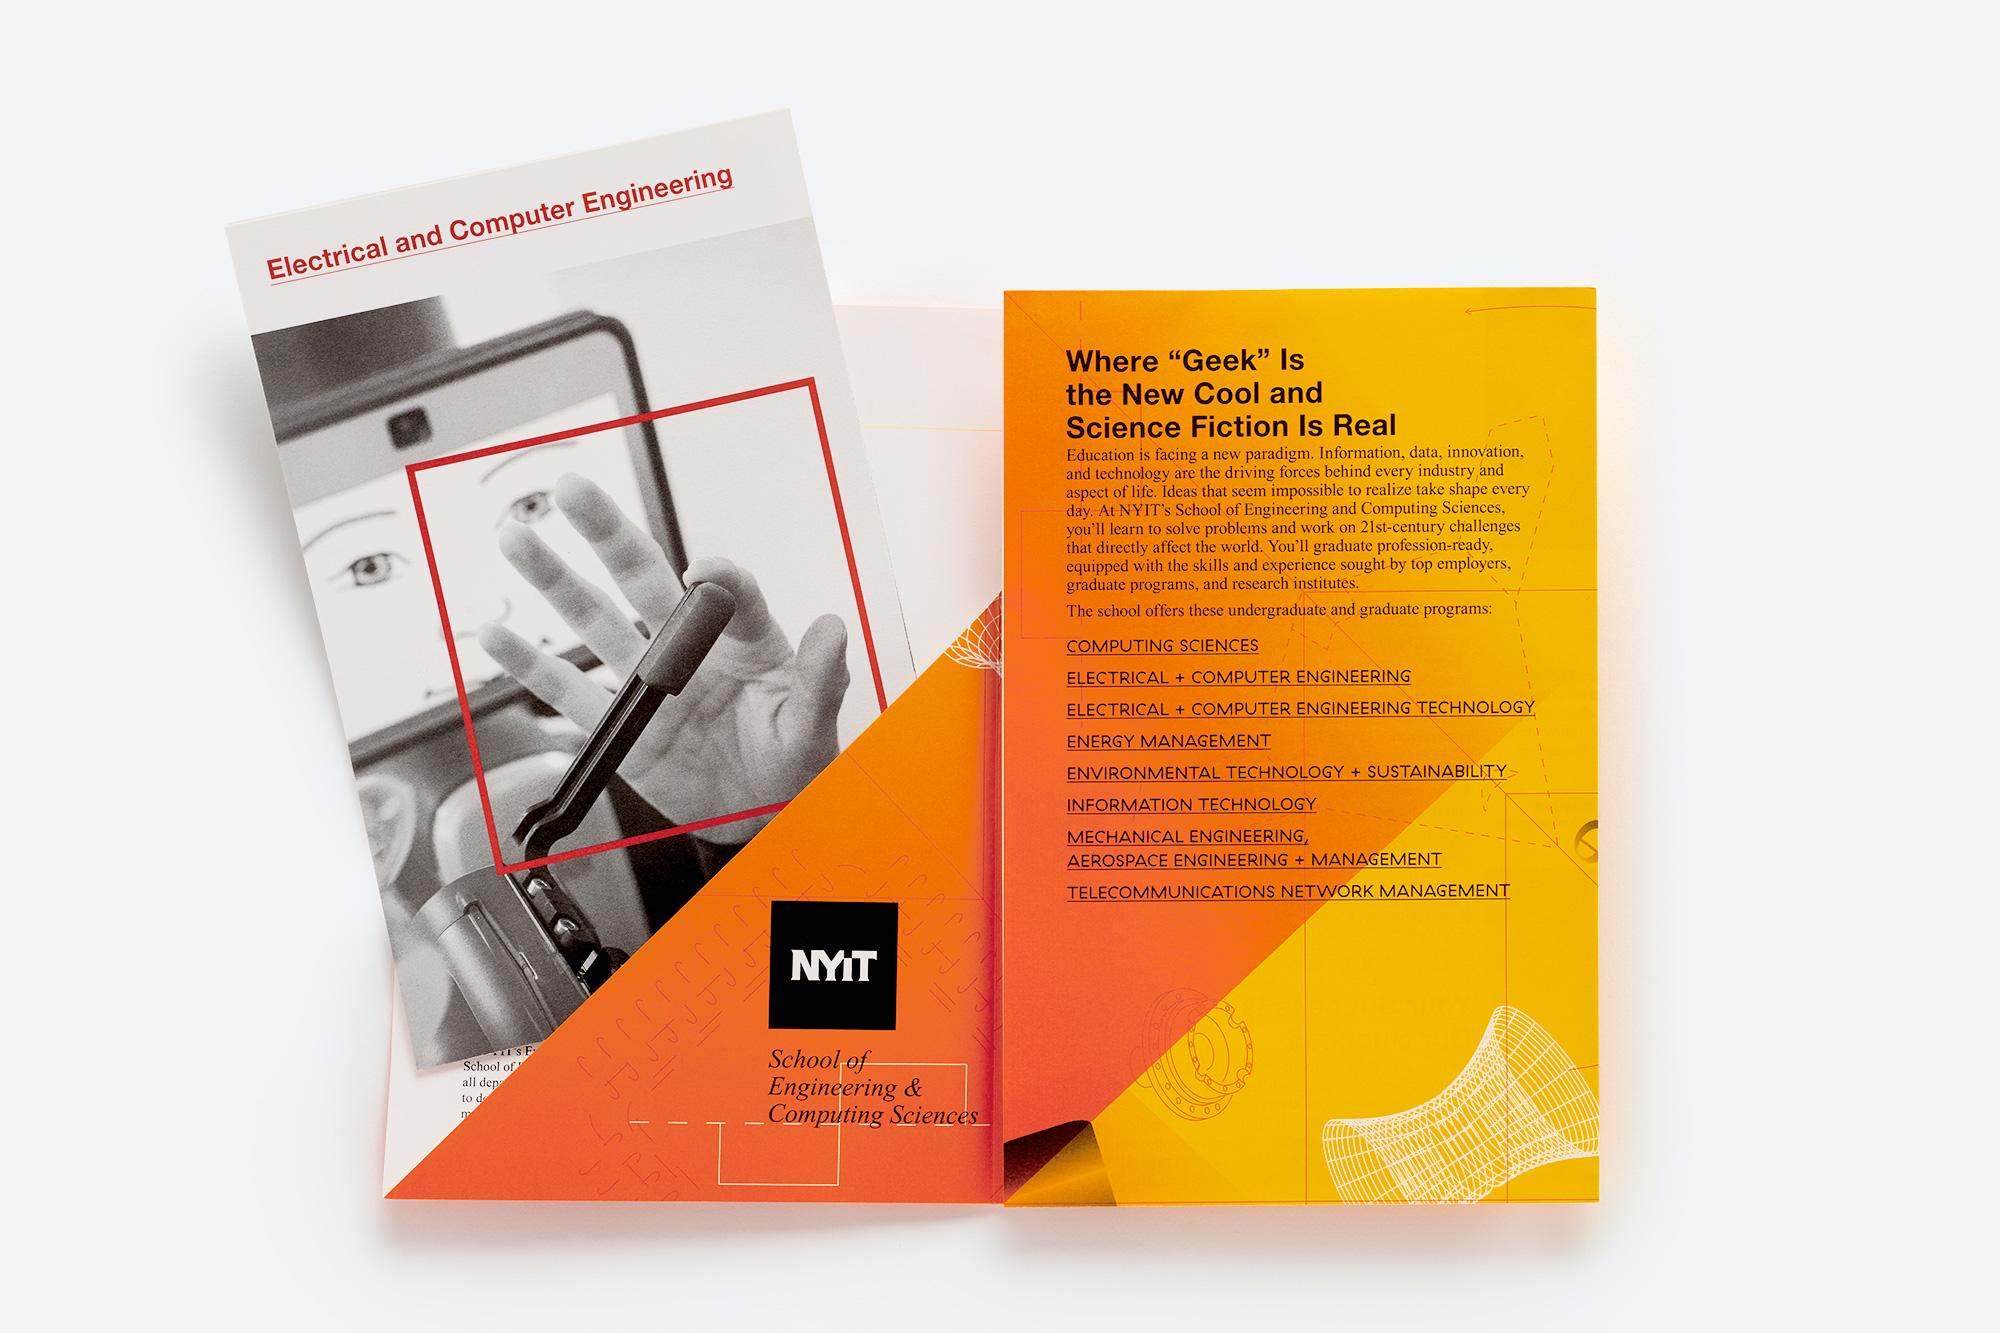 Paula_Giraldo_NYIT_Brochures_5.jpg